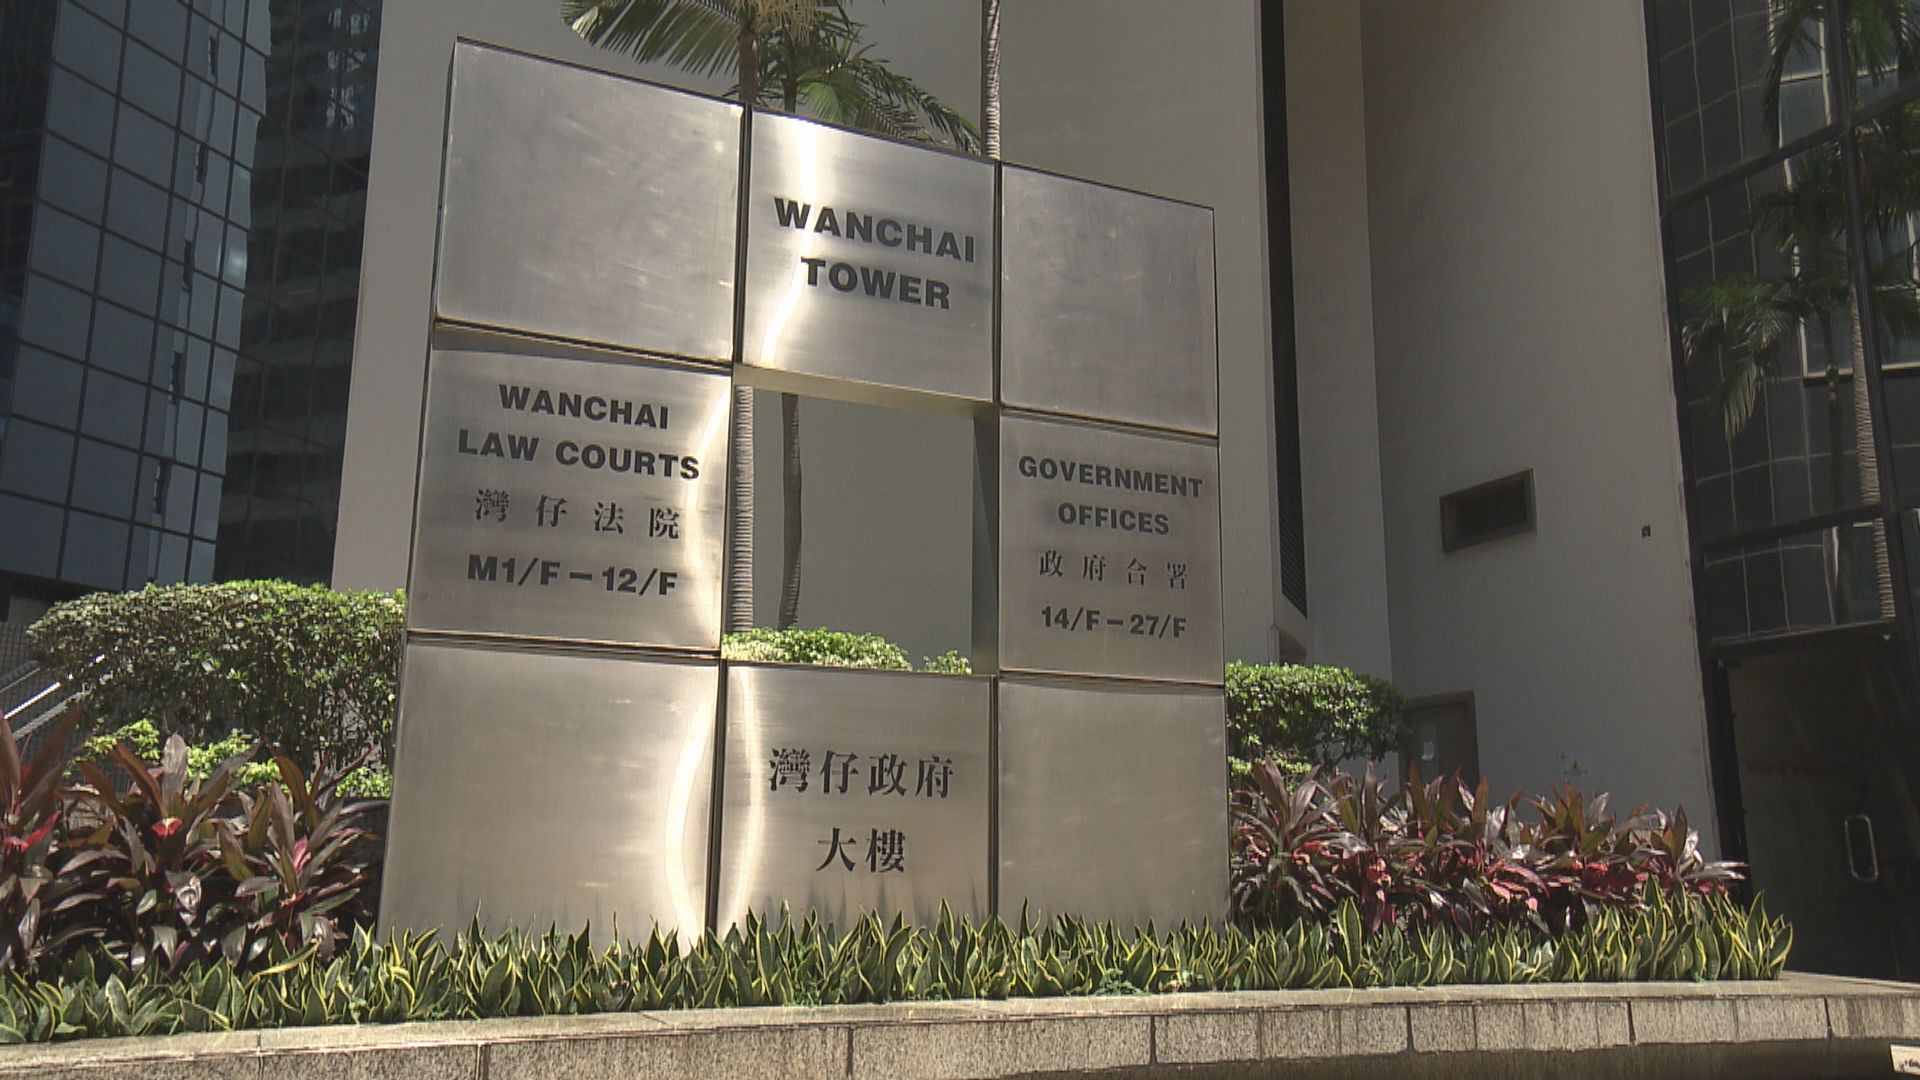 831暴動案速龍小隊警長續作供 遭質疑未依警察通例